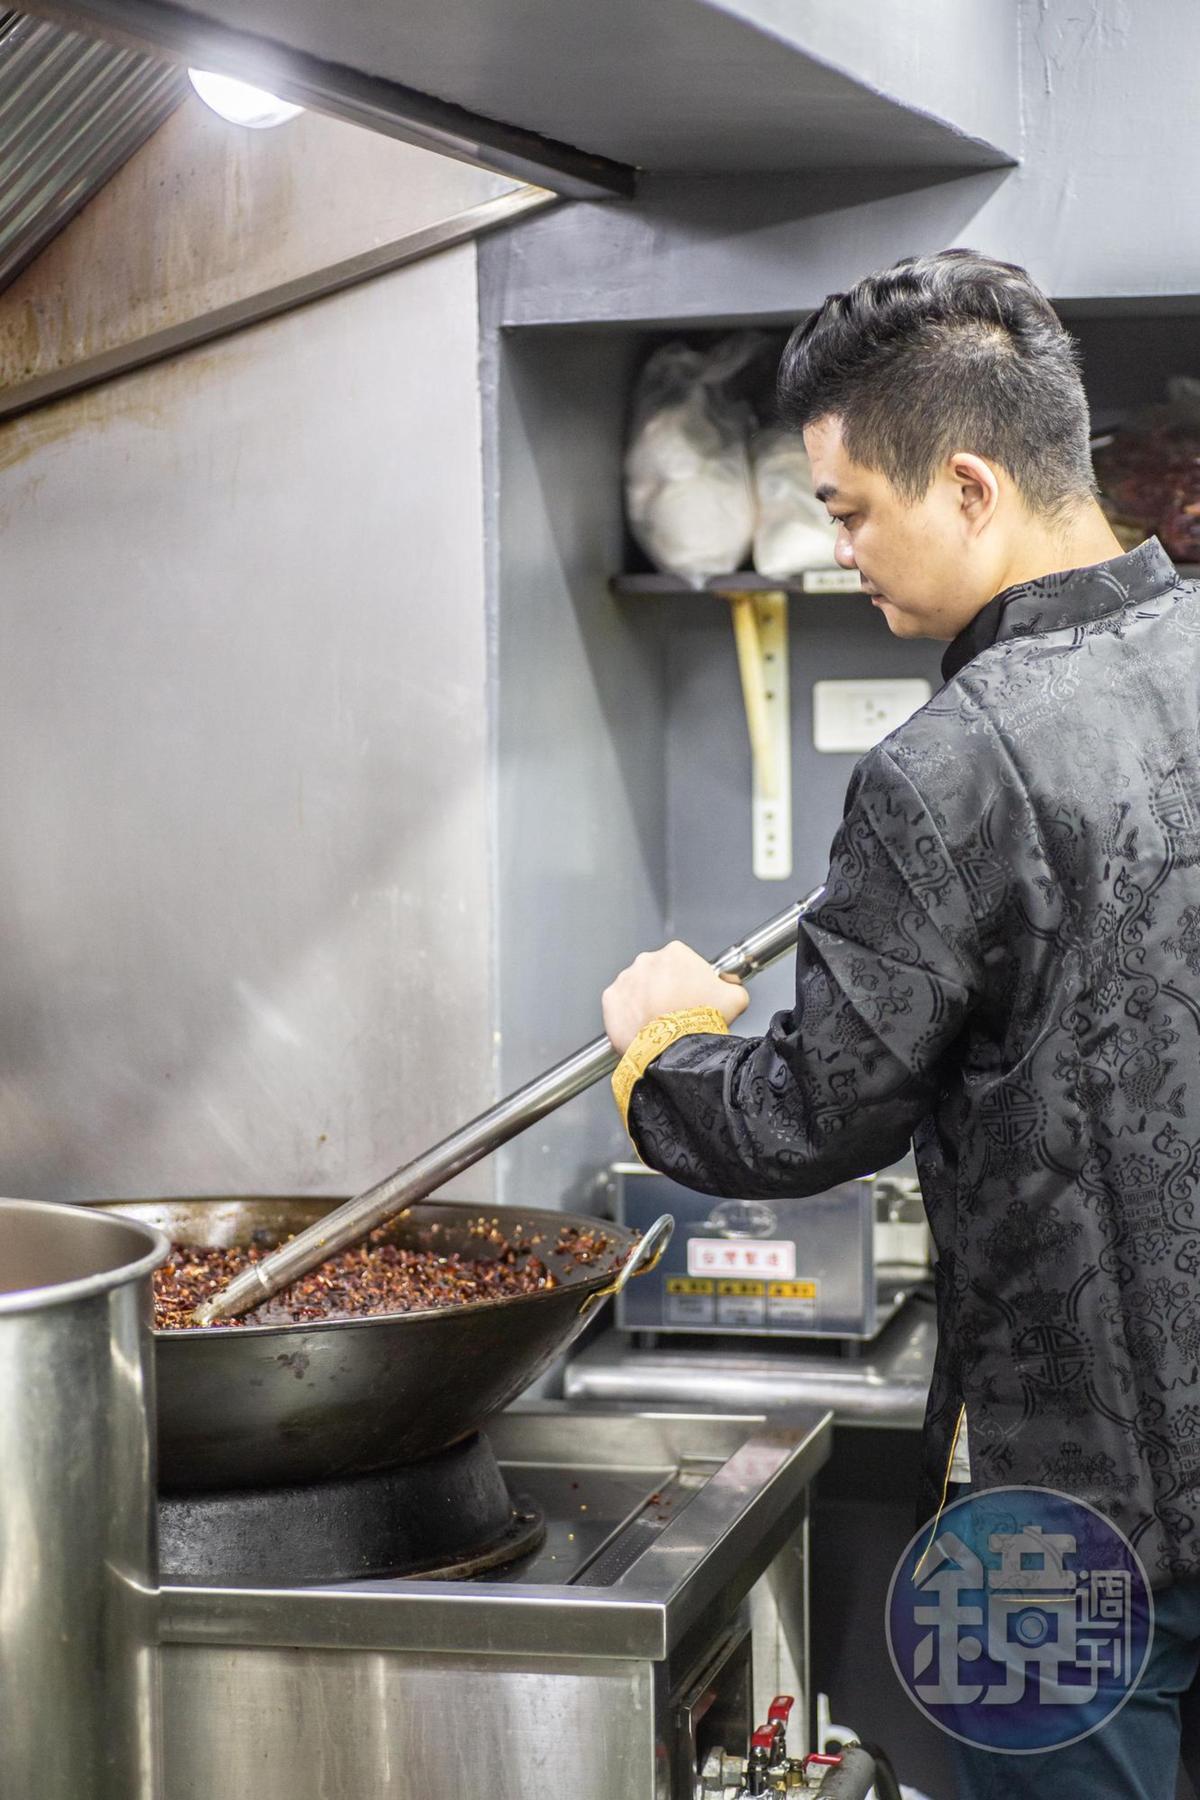 一大鍋底料用量驚人,每2天就得煉炒。